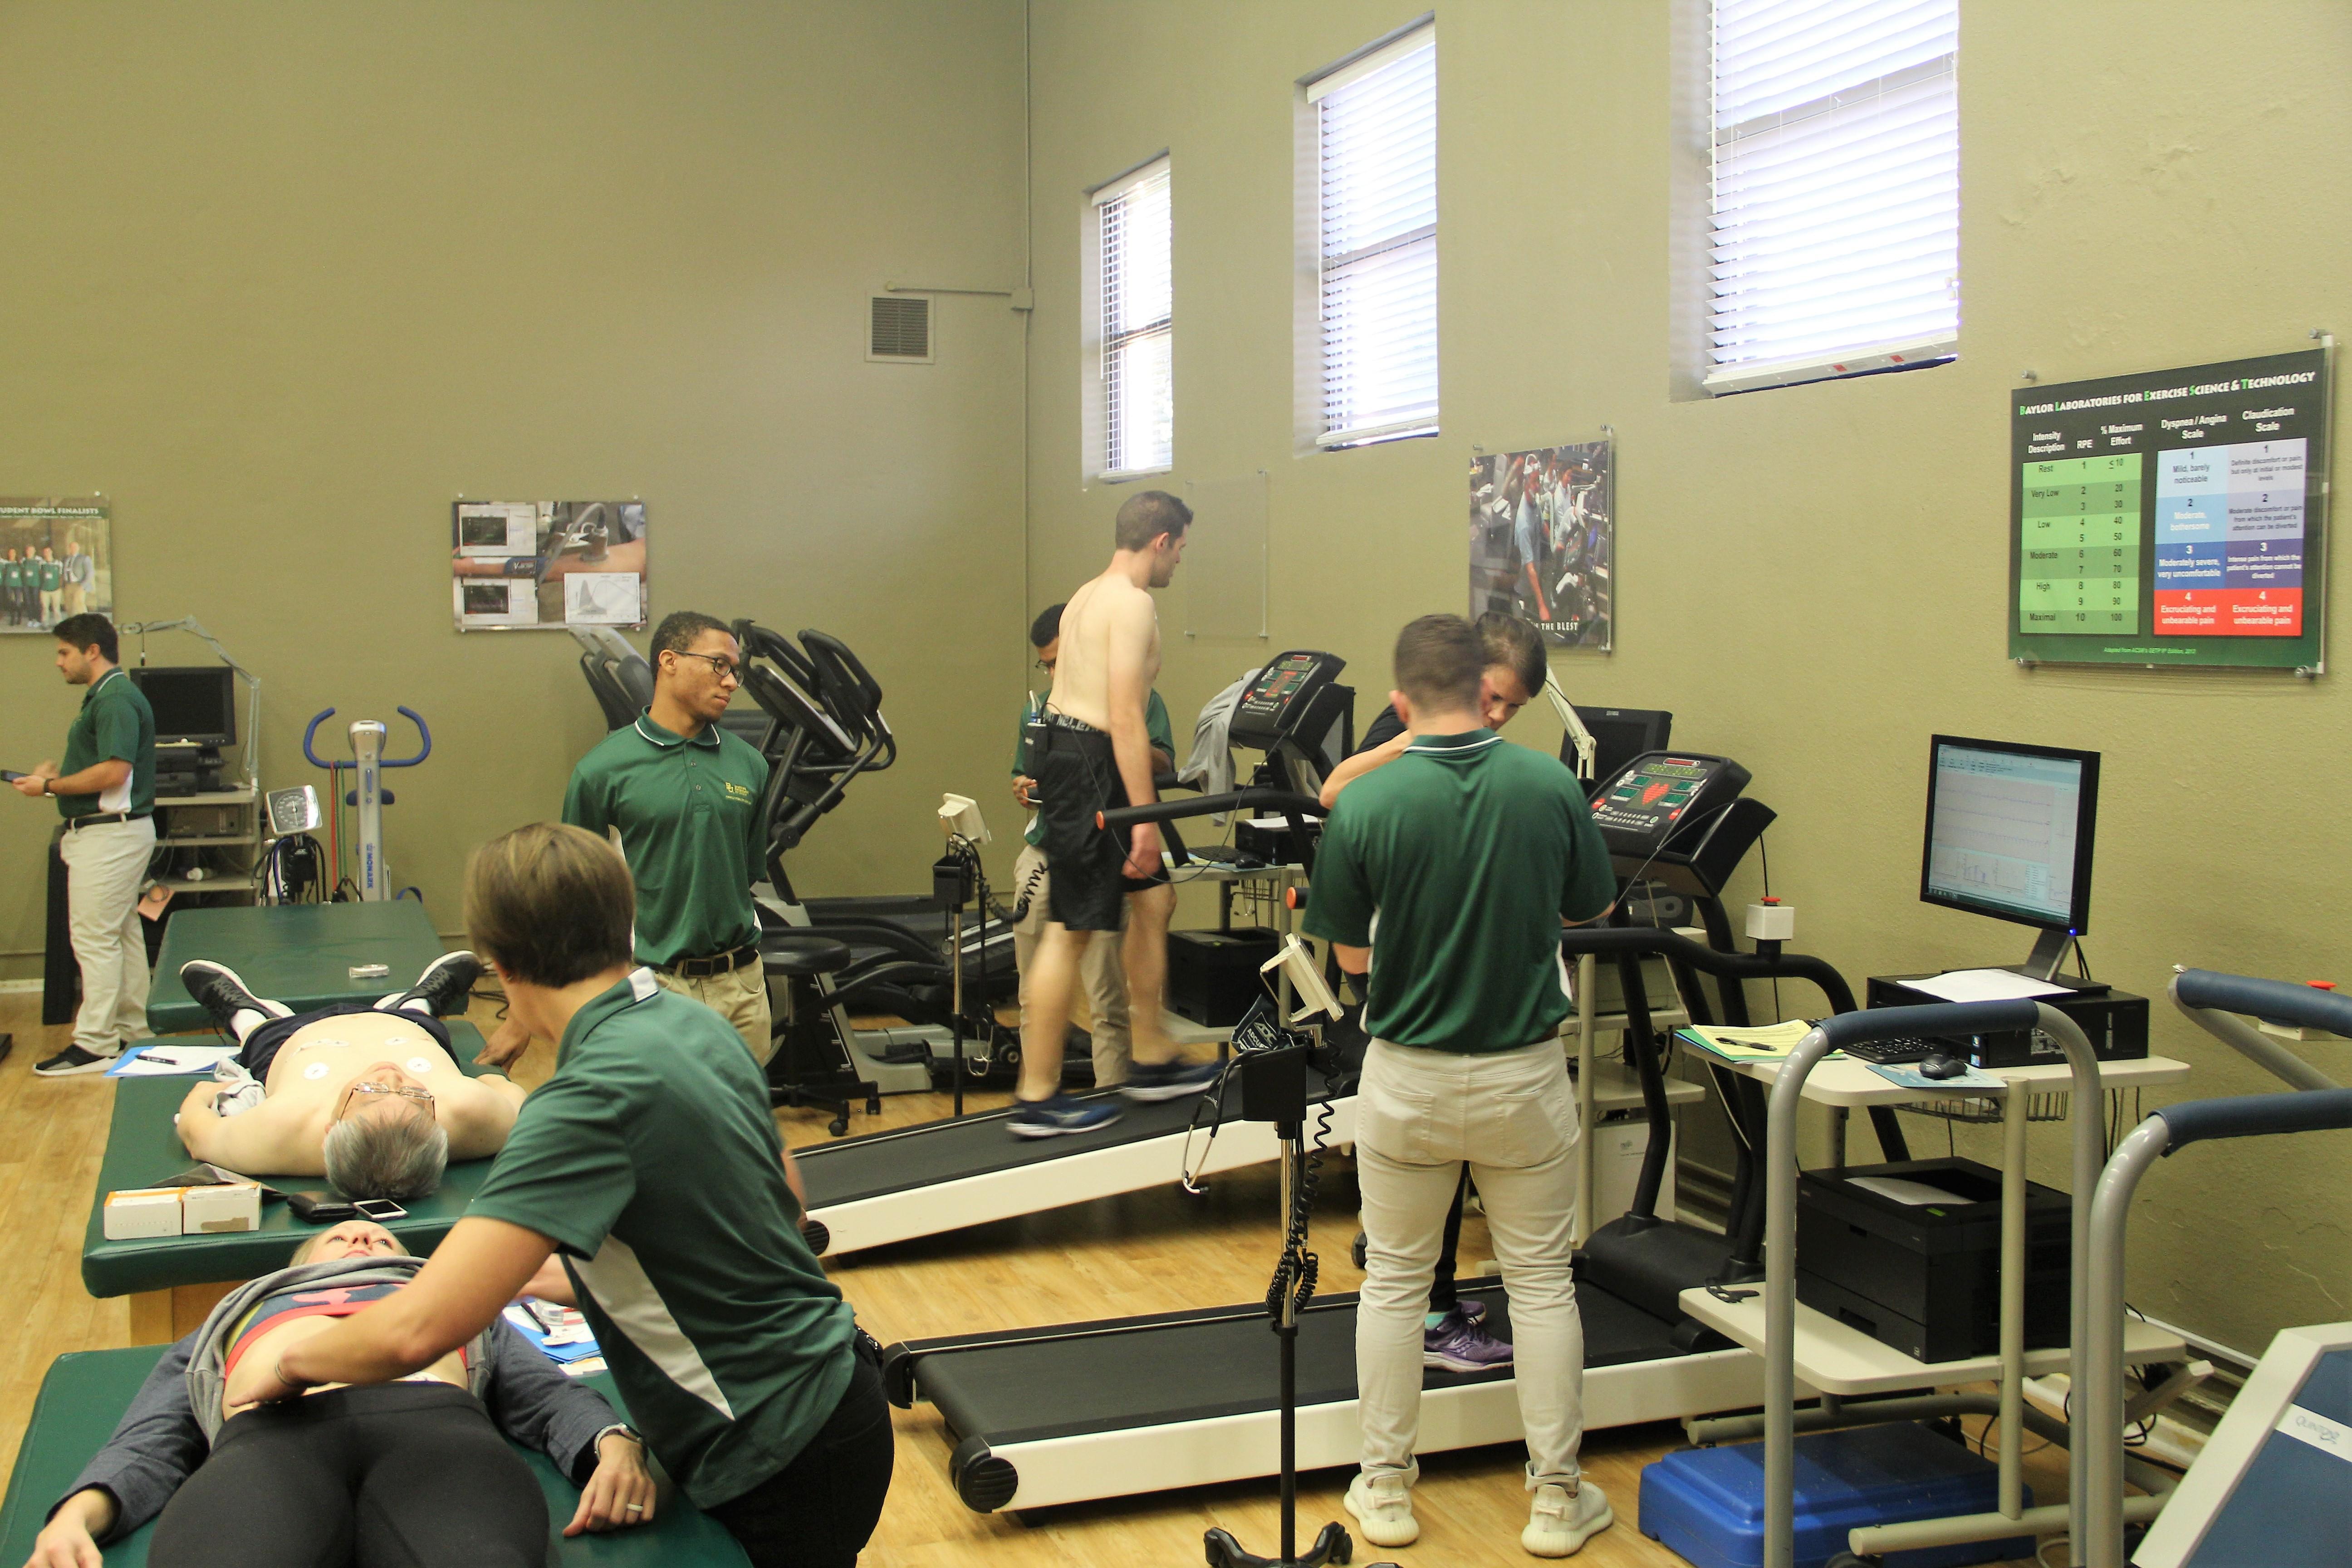 Lab treadmill new